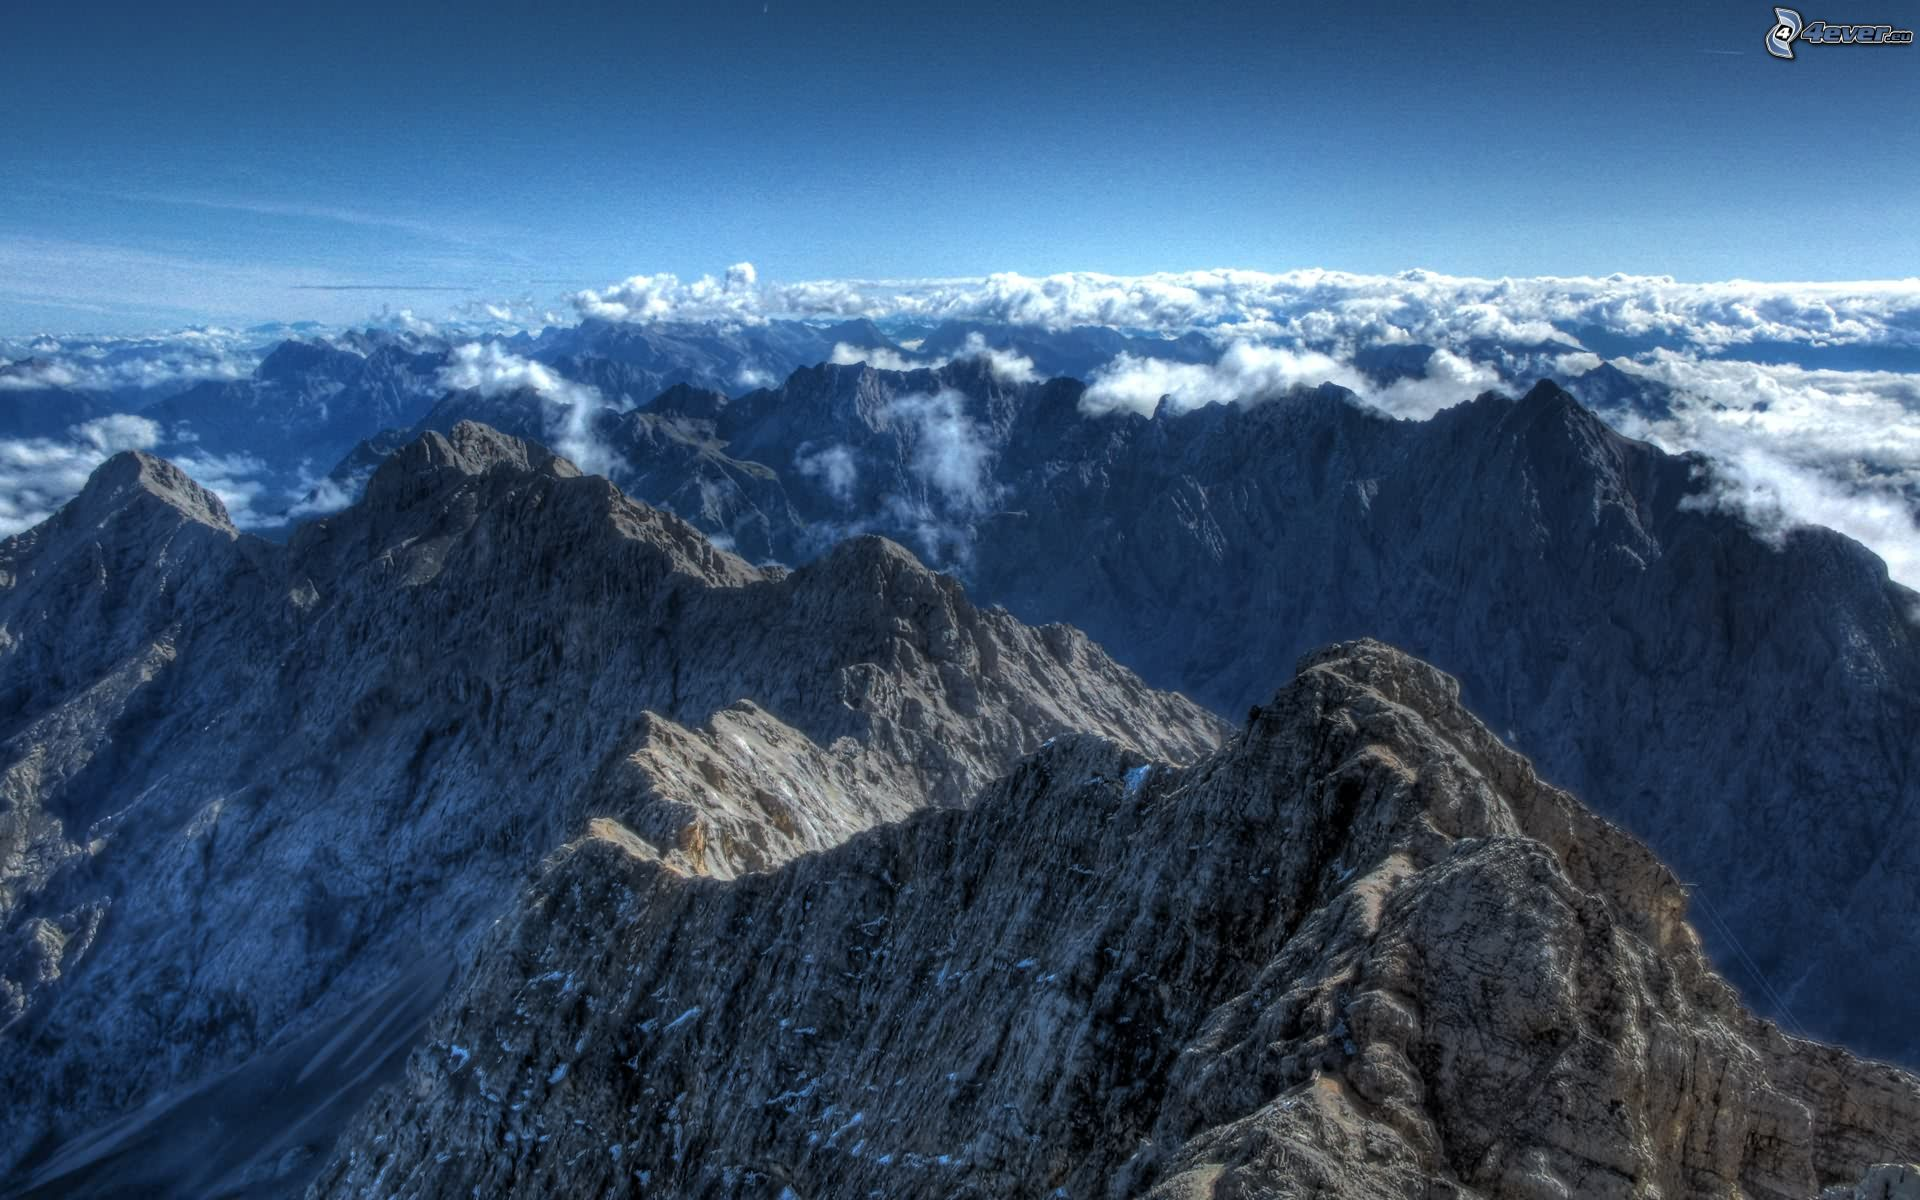 les montagnes rocheuses